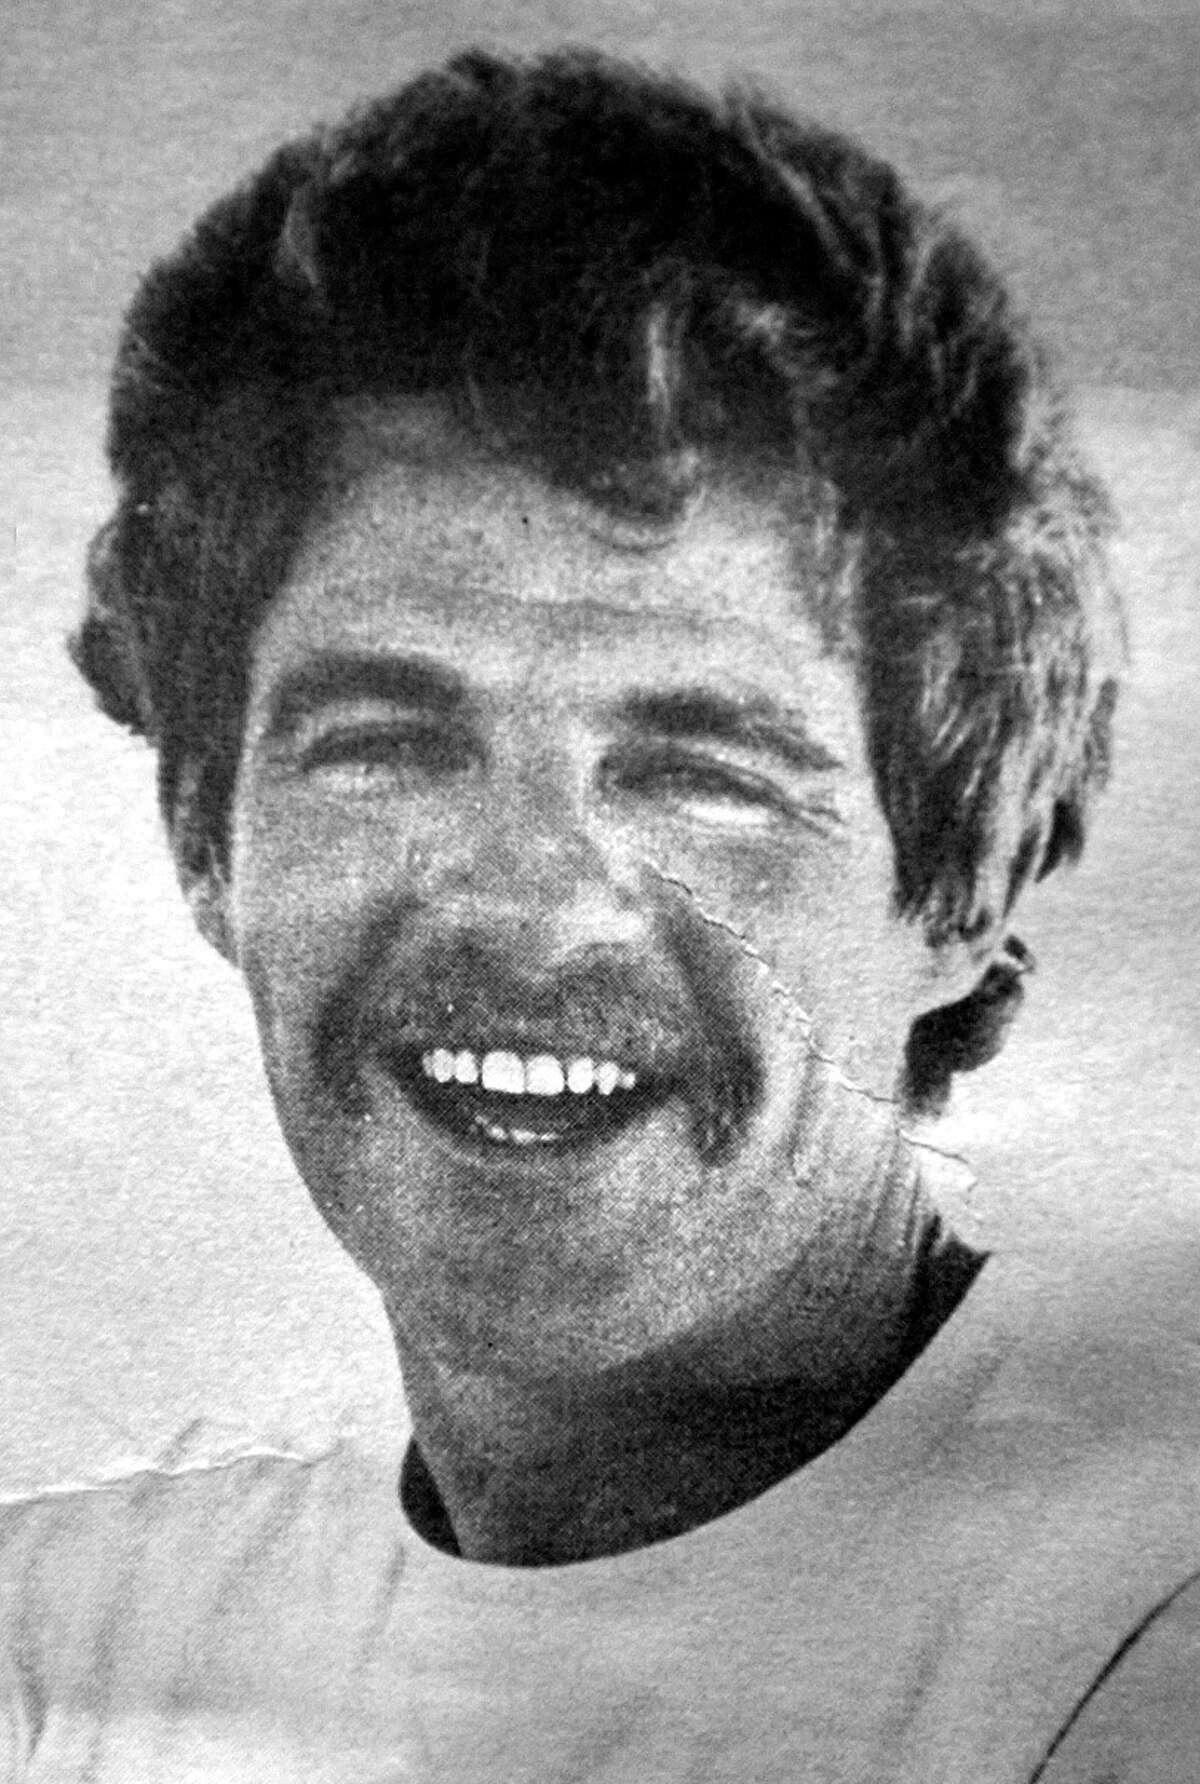 Darien Police Officer Kenneth E. Bateman was killed by a burglar 34 years ago.